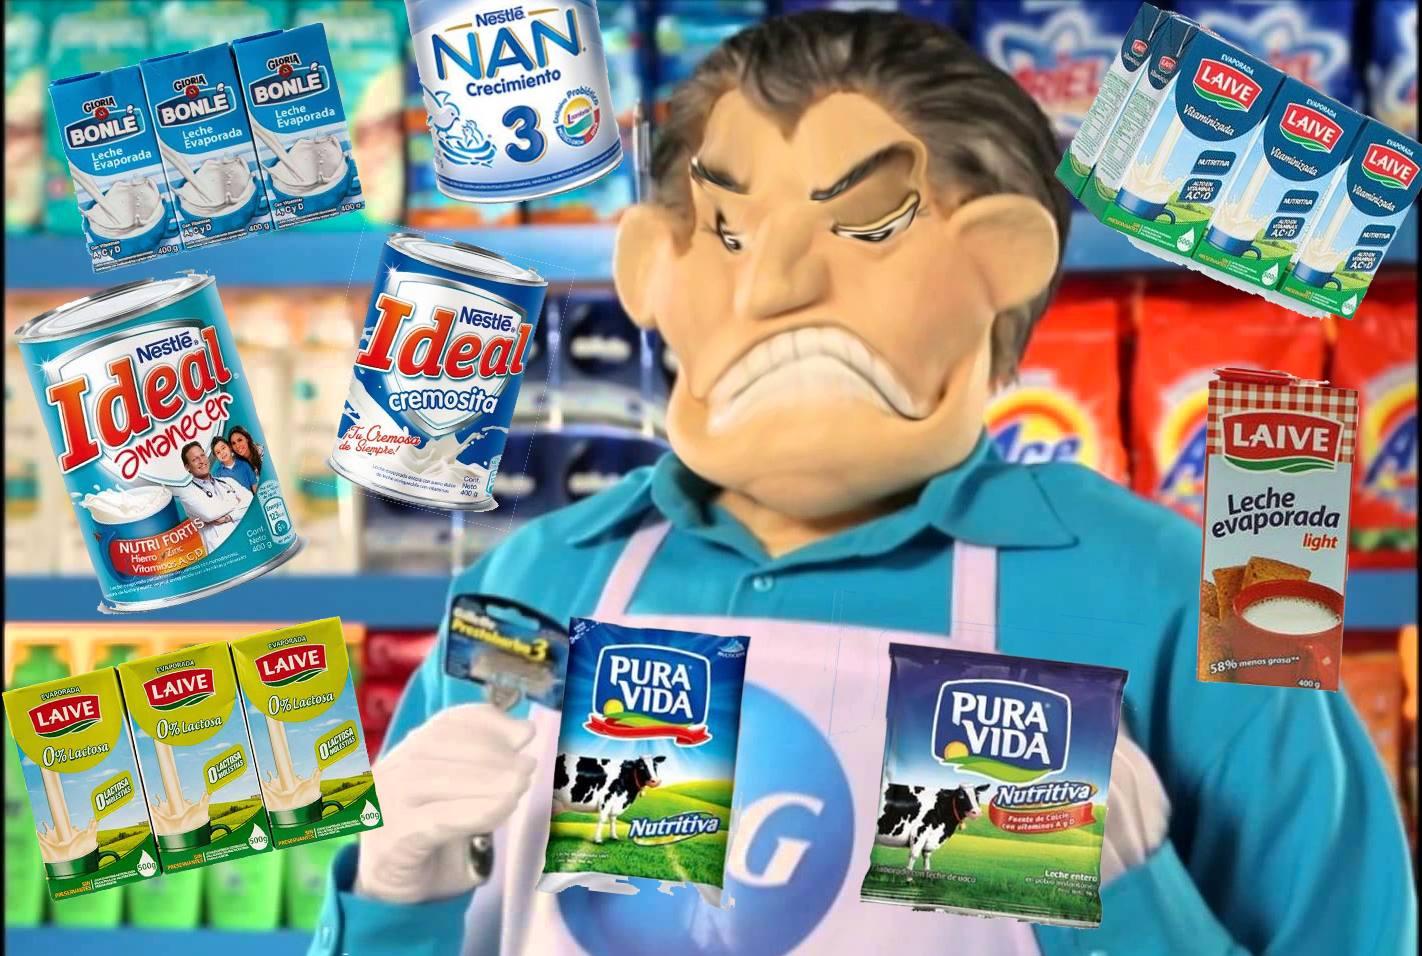 don pepe portada leche - Productos de Gloria, Nestlé y Laive no podrán llamarse lácteos